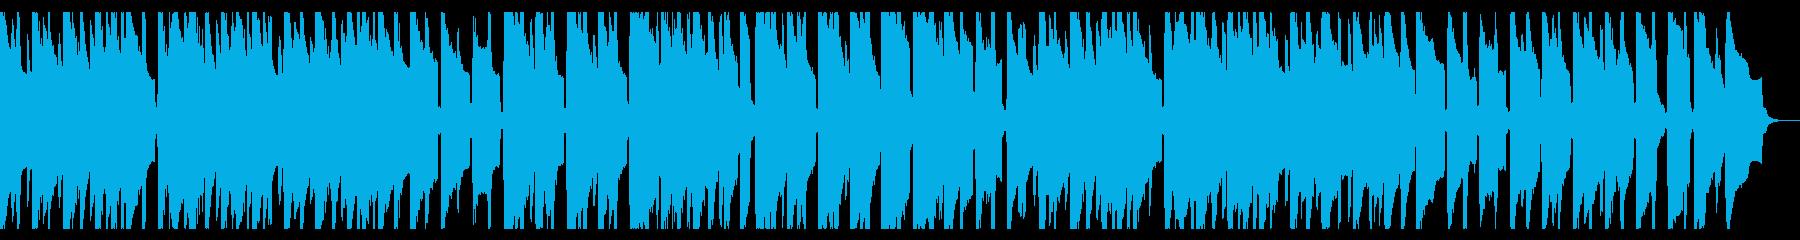 スイングのシンプルで楽しいクリスマス曲の再生済みの波形